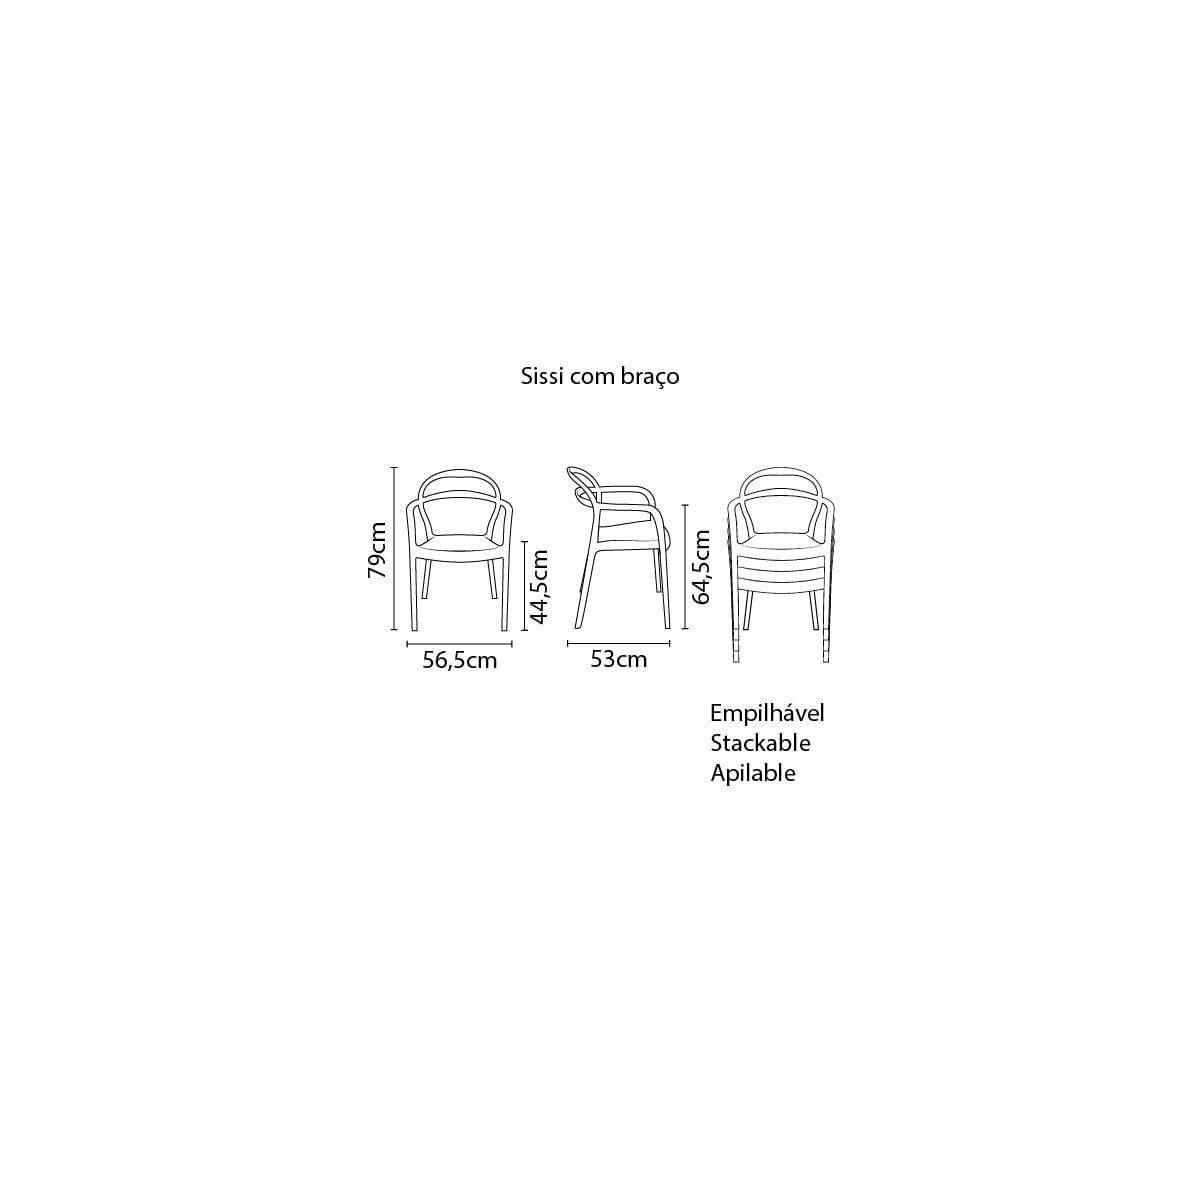 Cadeira Tramontina Sissi Encosto Vazado com Braços em Polipropileno e Fibra de Vidro Marrom